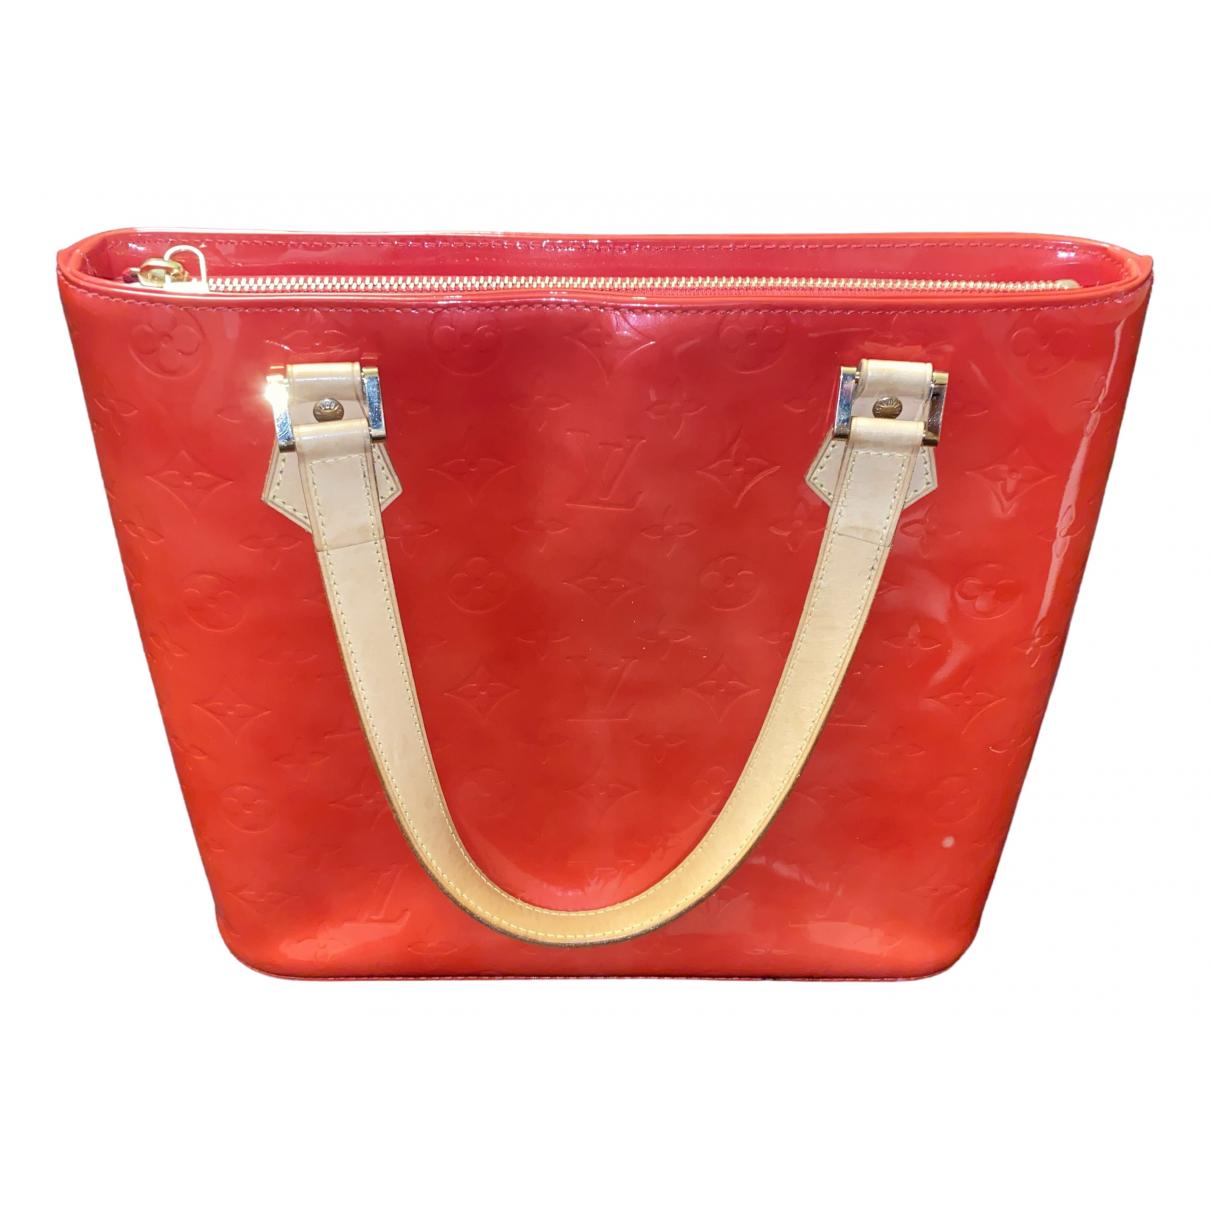 Louis Vuitton - Sac a main Houston pour femme en cuir verni - rouge